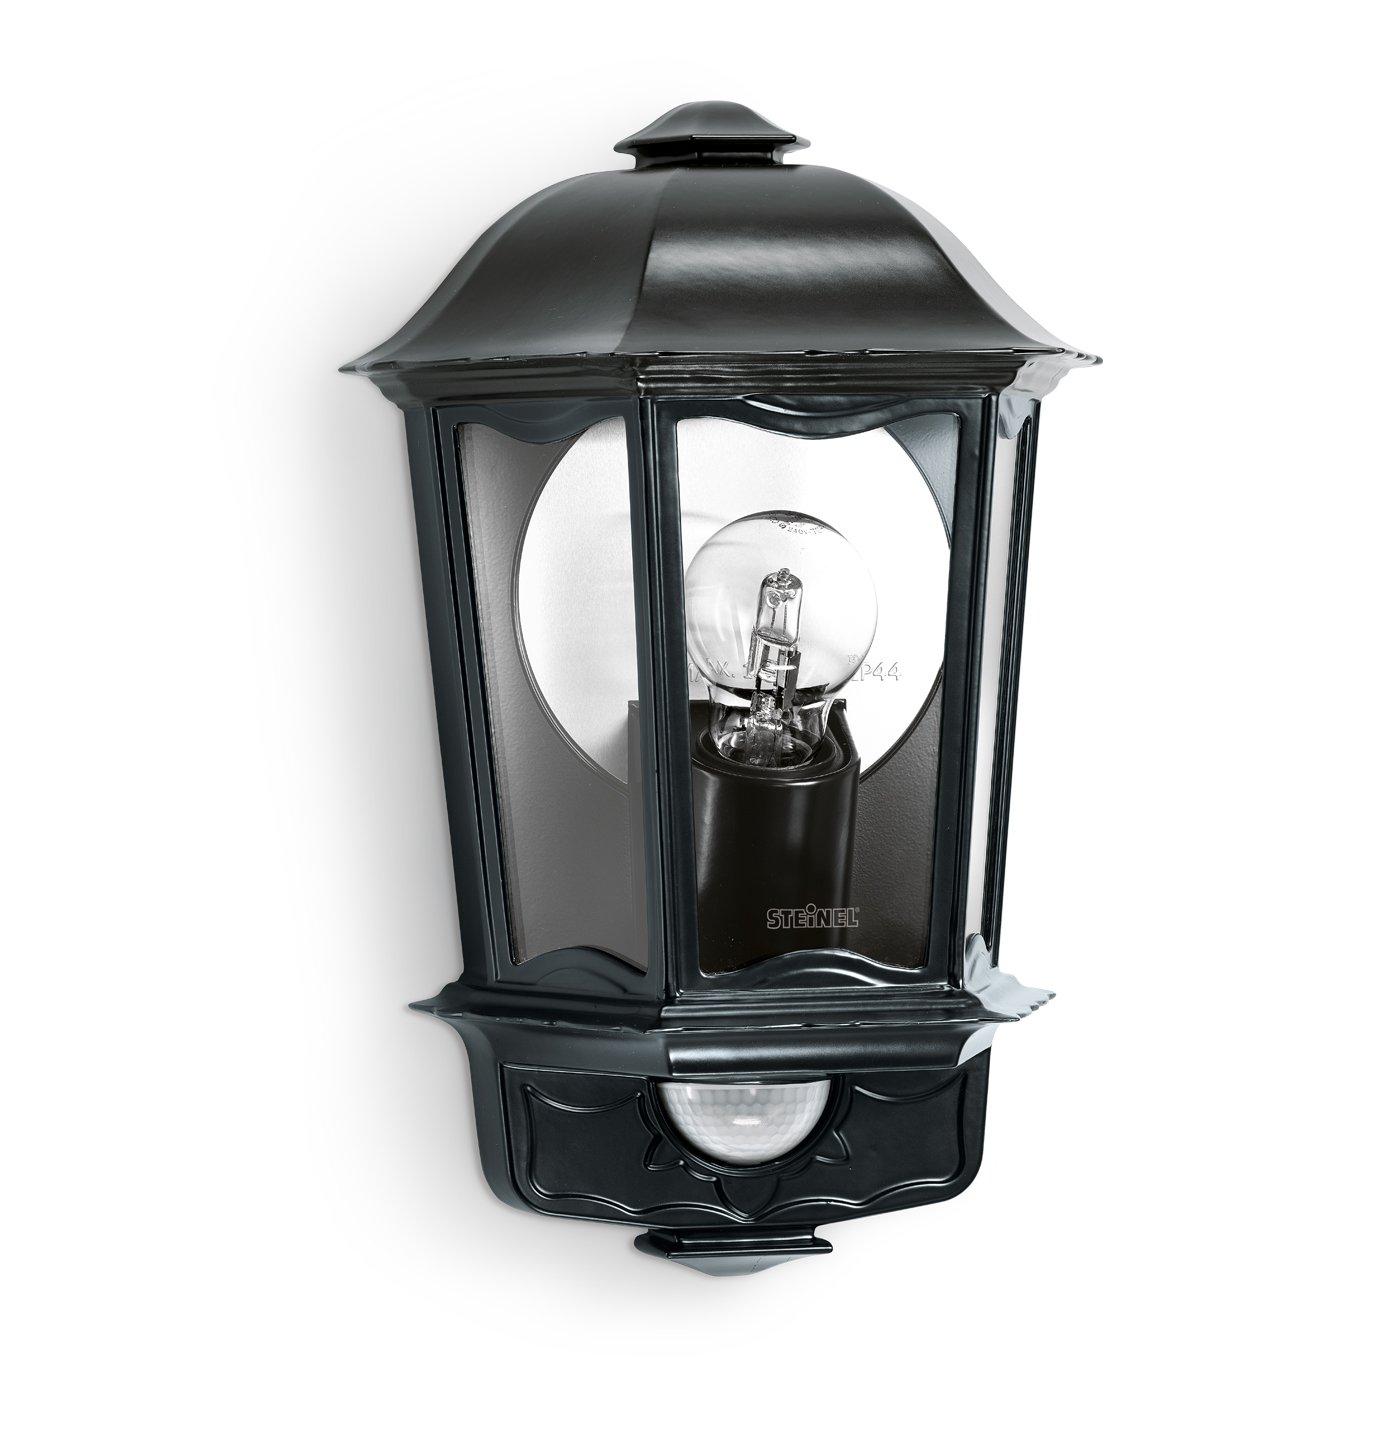 Steinel Außen-Wandleuchte L 190 S weiß, 180° Bewegungsmelder, 12 m Reichweite, Softlicht, Grundlicht, Dauerlicht 180° Bewegungsmelder L190